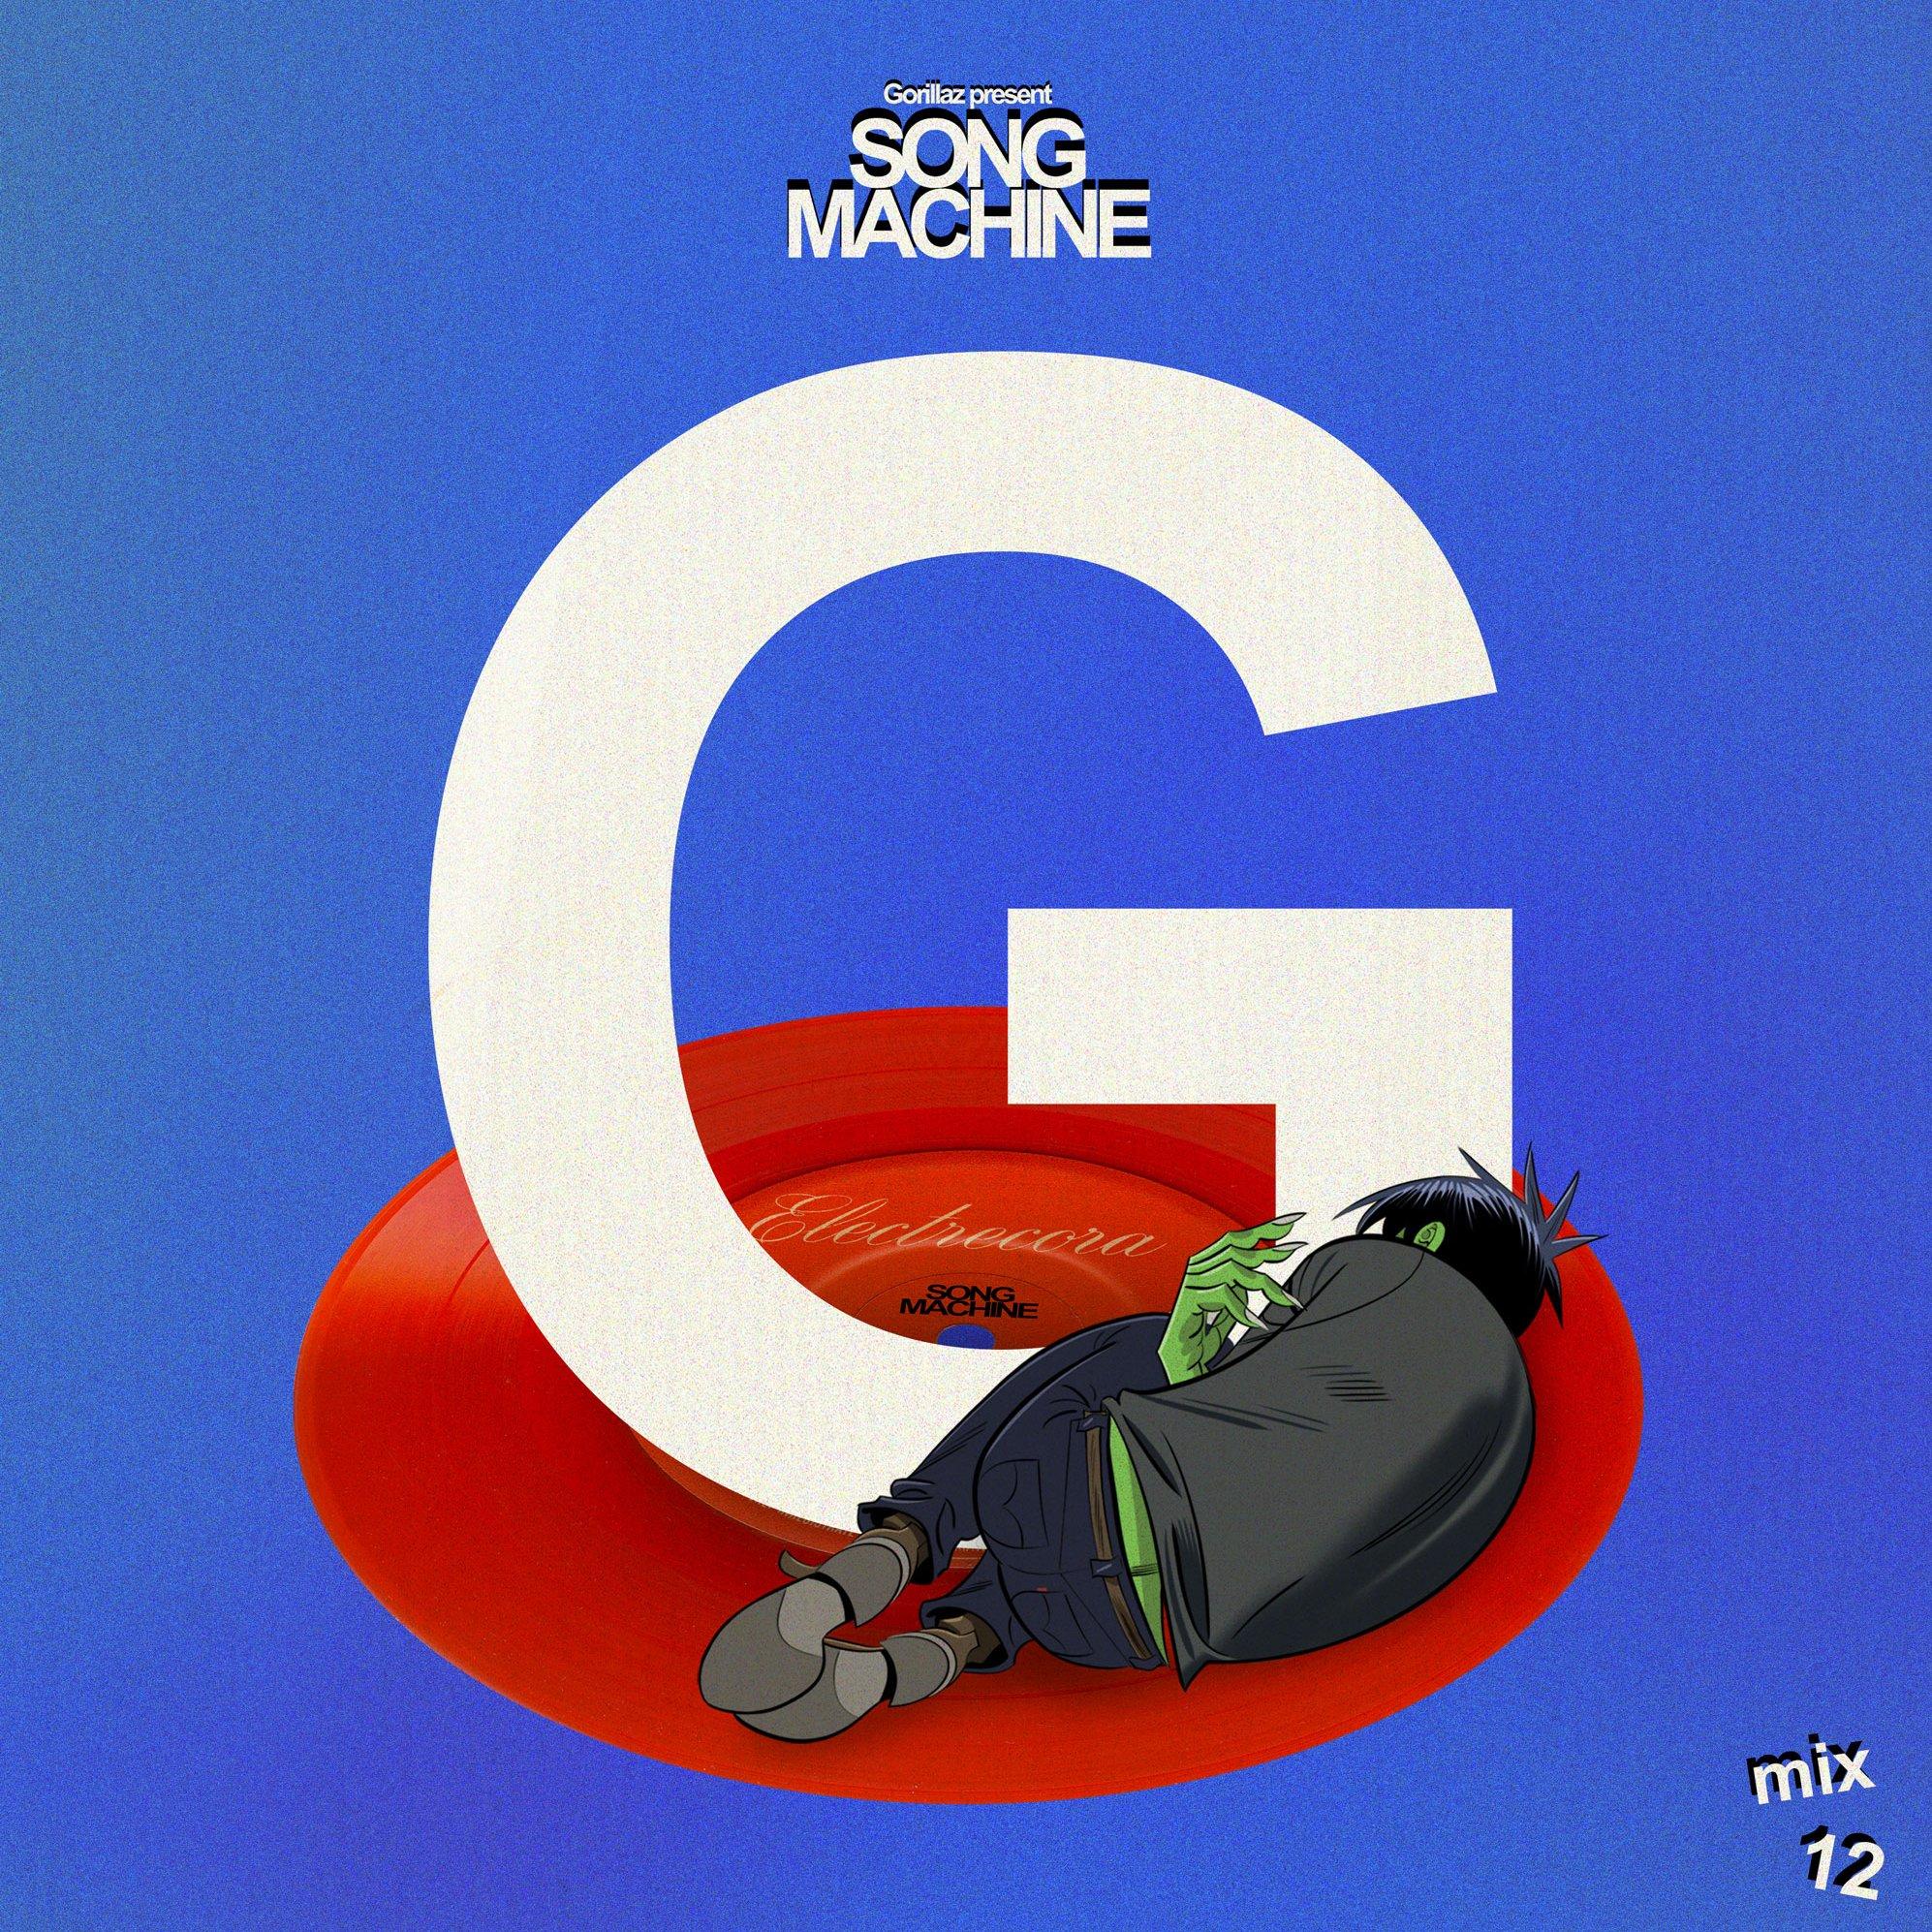 G-Mix: Murdoc Niccals 12